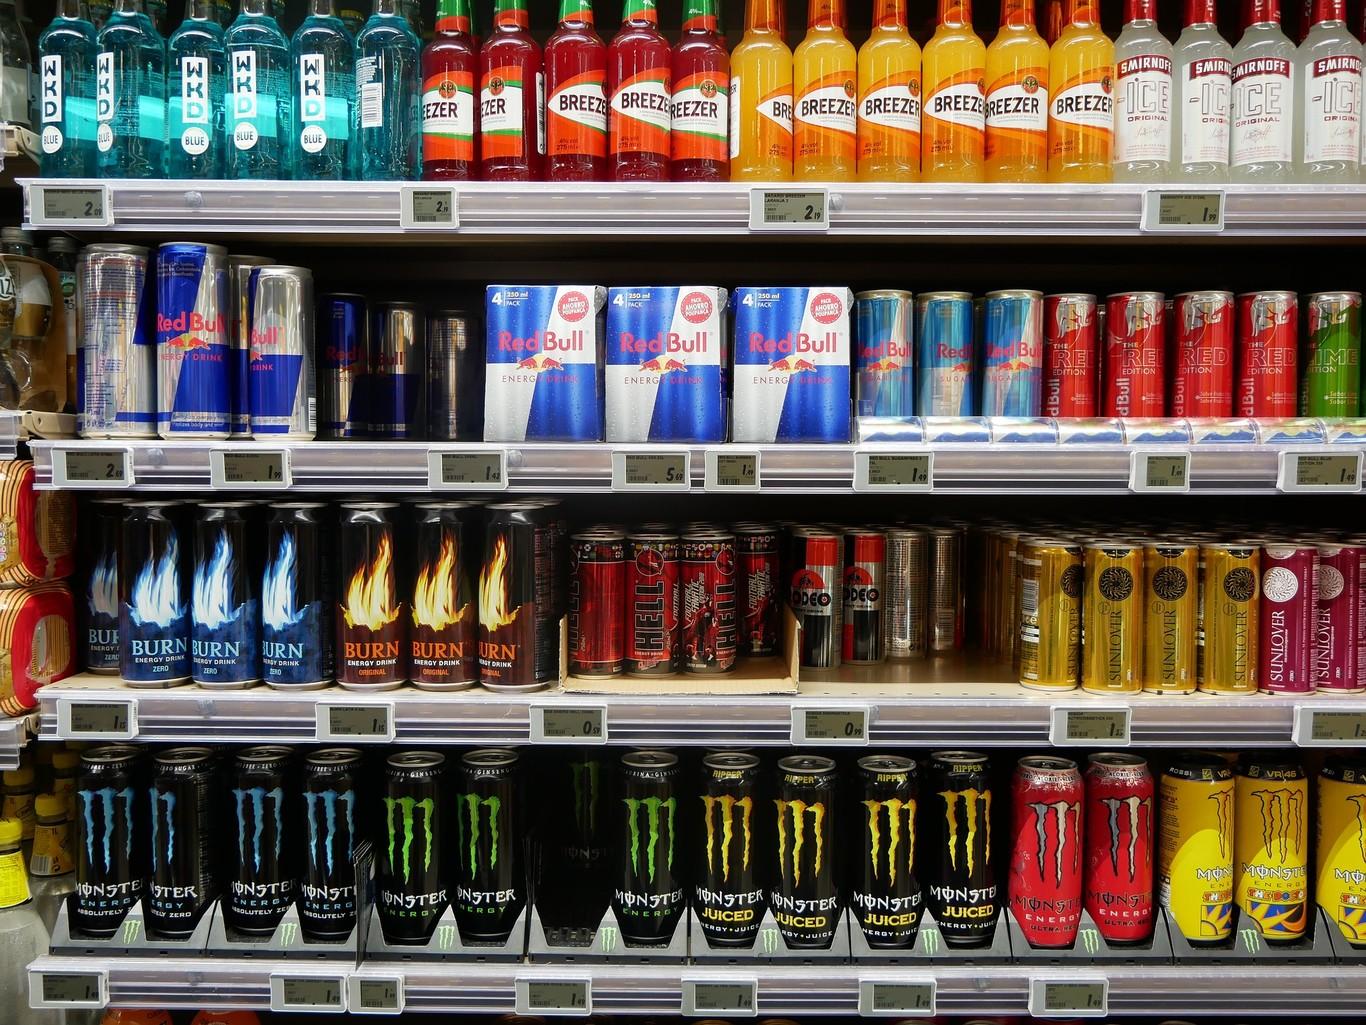 13 Bebidas Energéticas Exceden Recomendación De La Oms De Ingesta De Azúcar Profeco